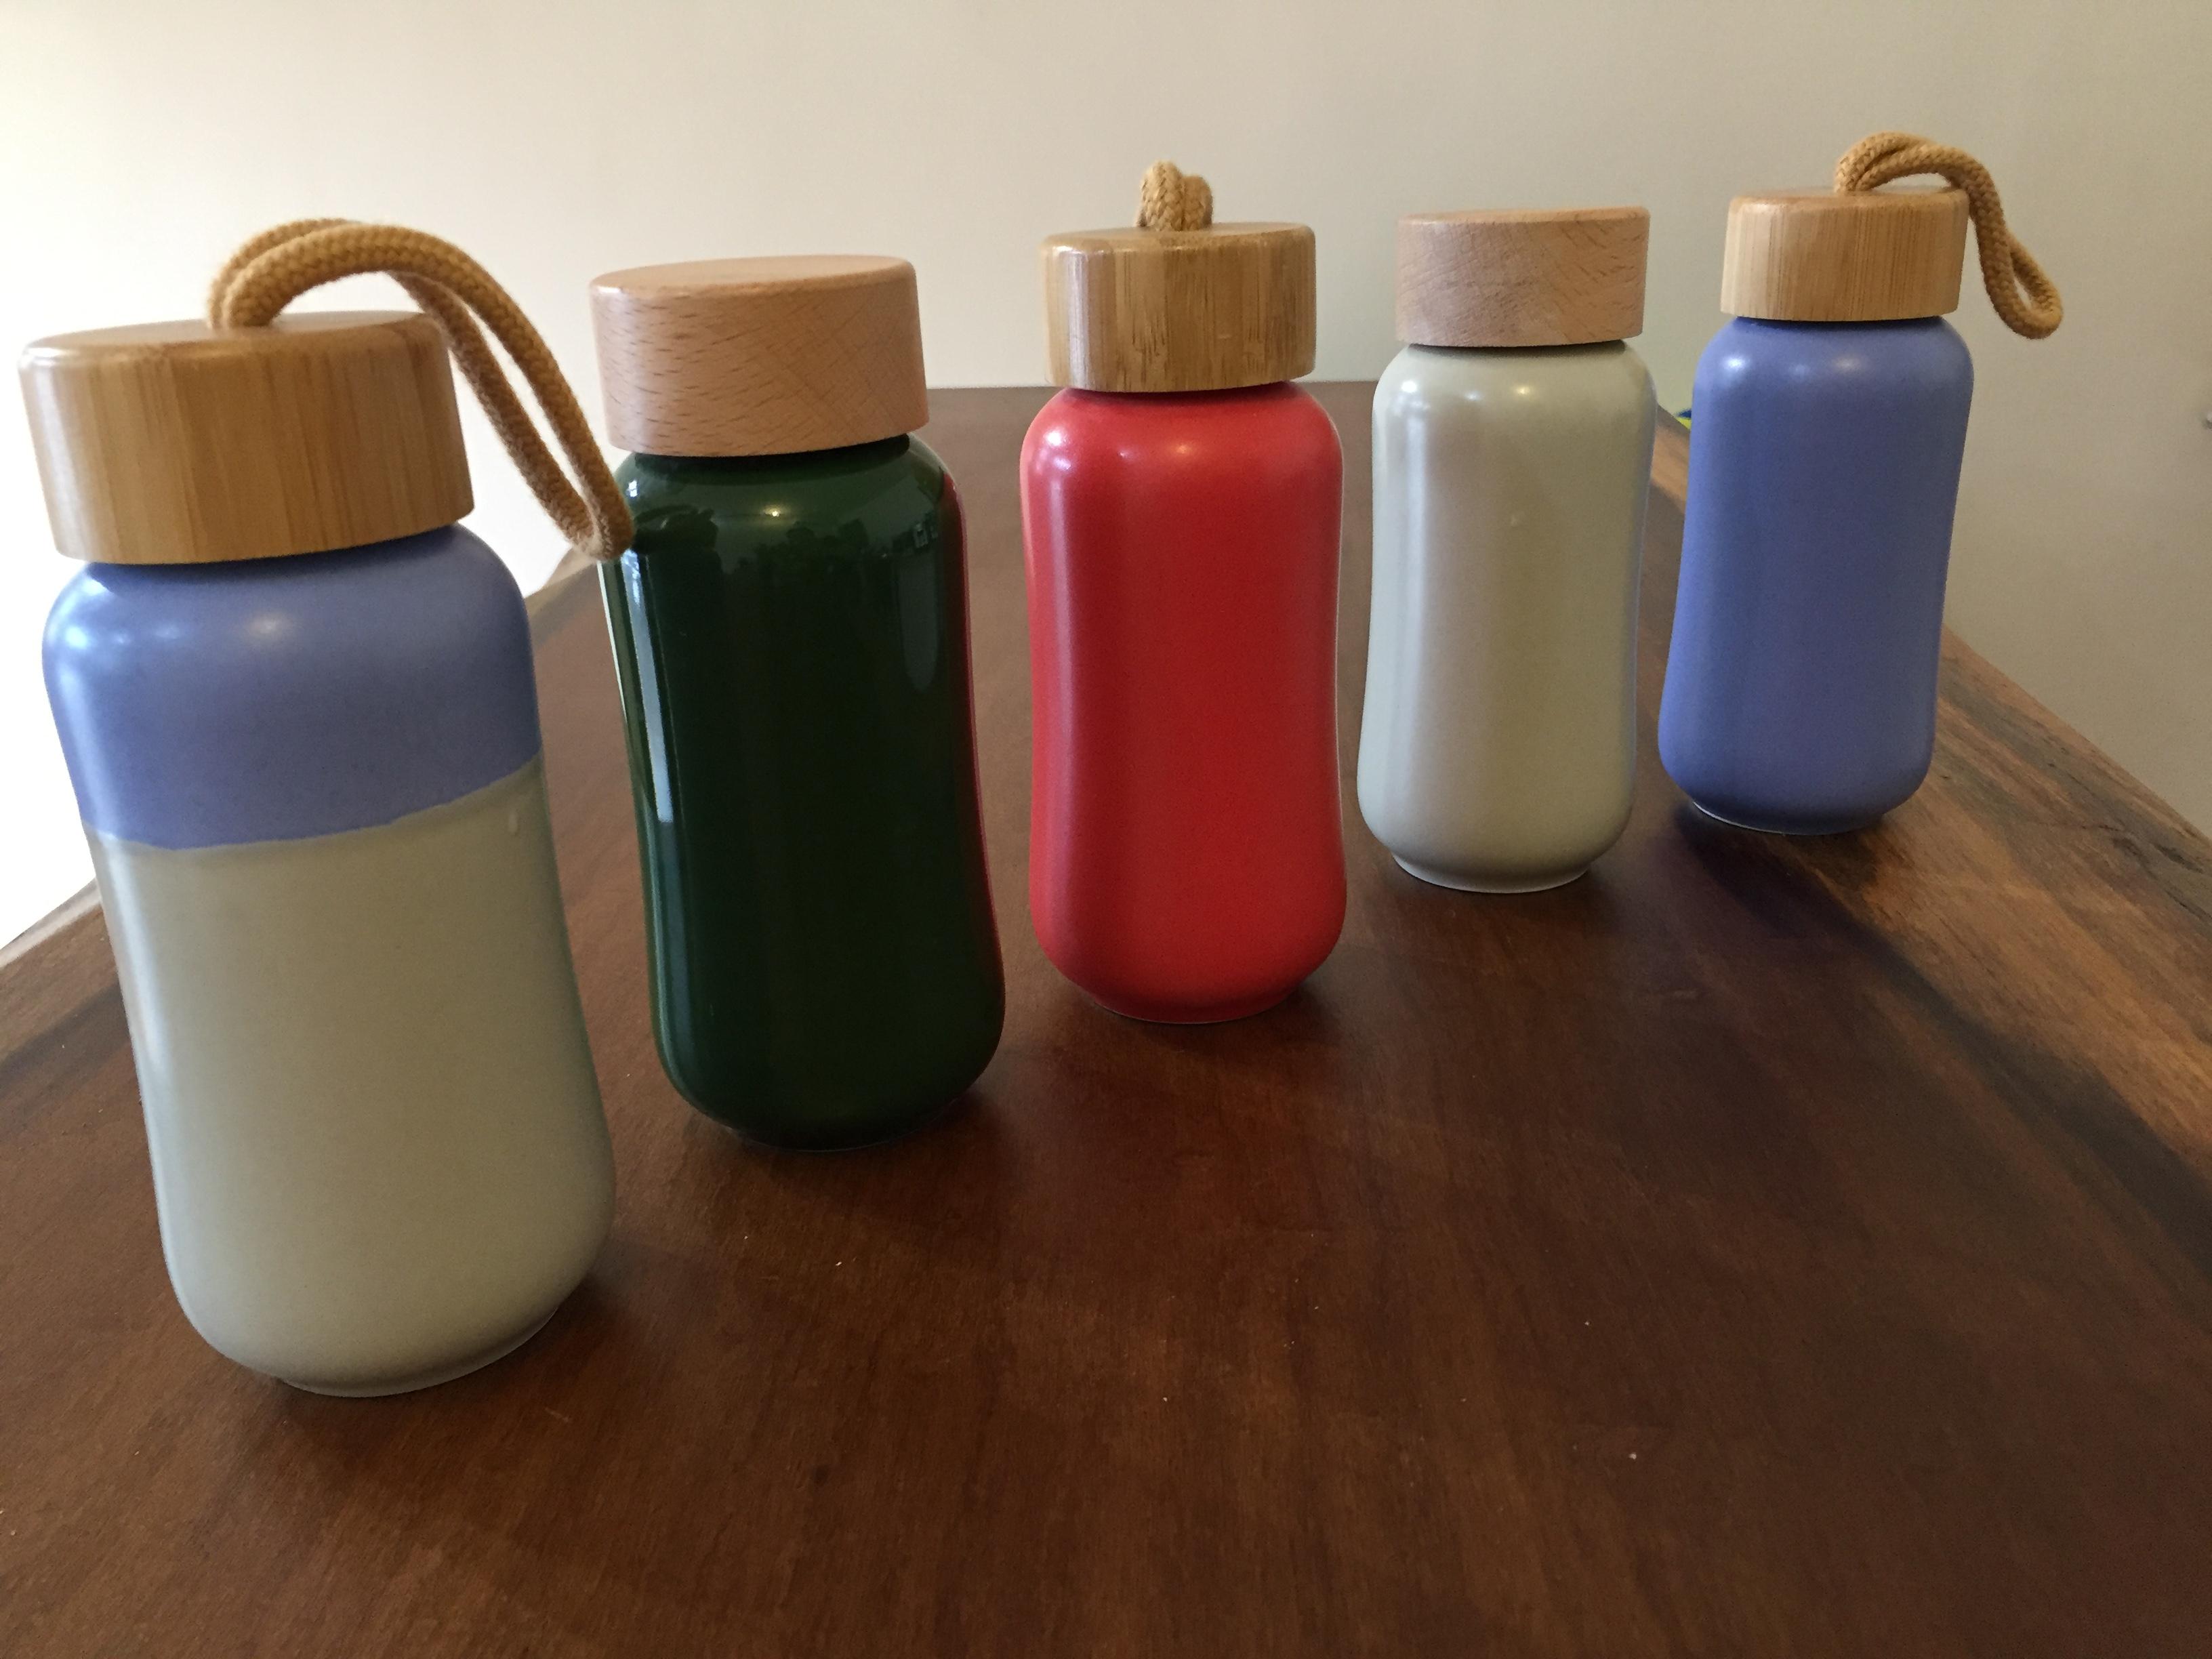 憩陶2-氧憩瓶(內裝1/4磅咖啡豆)